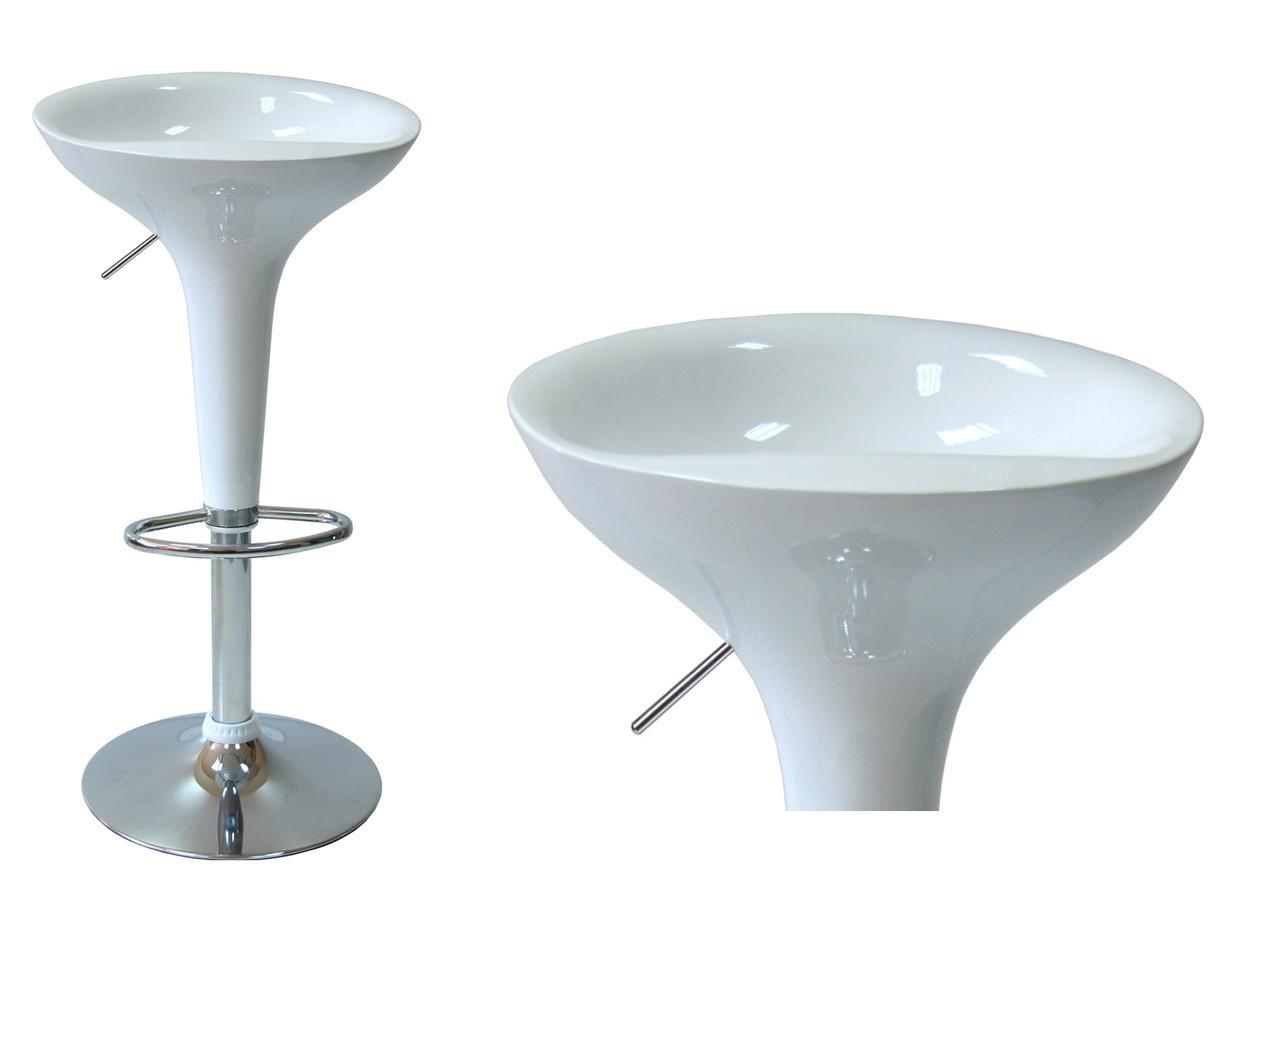 Недорогие барные стулья Martino Качество ЕС, Польша